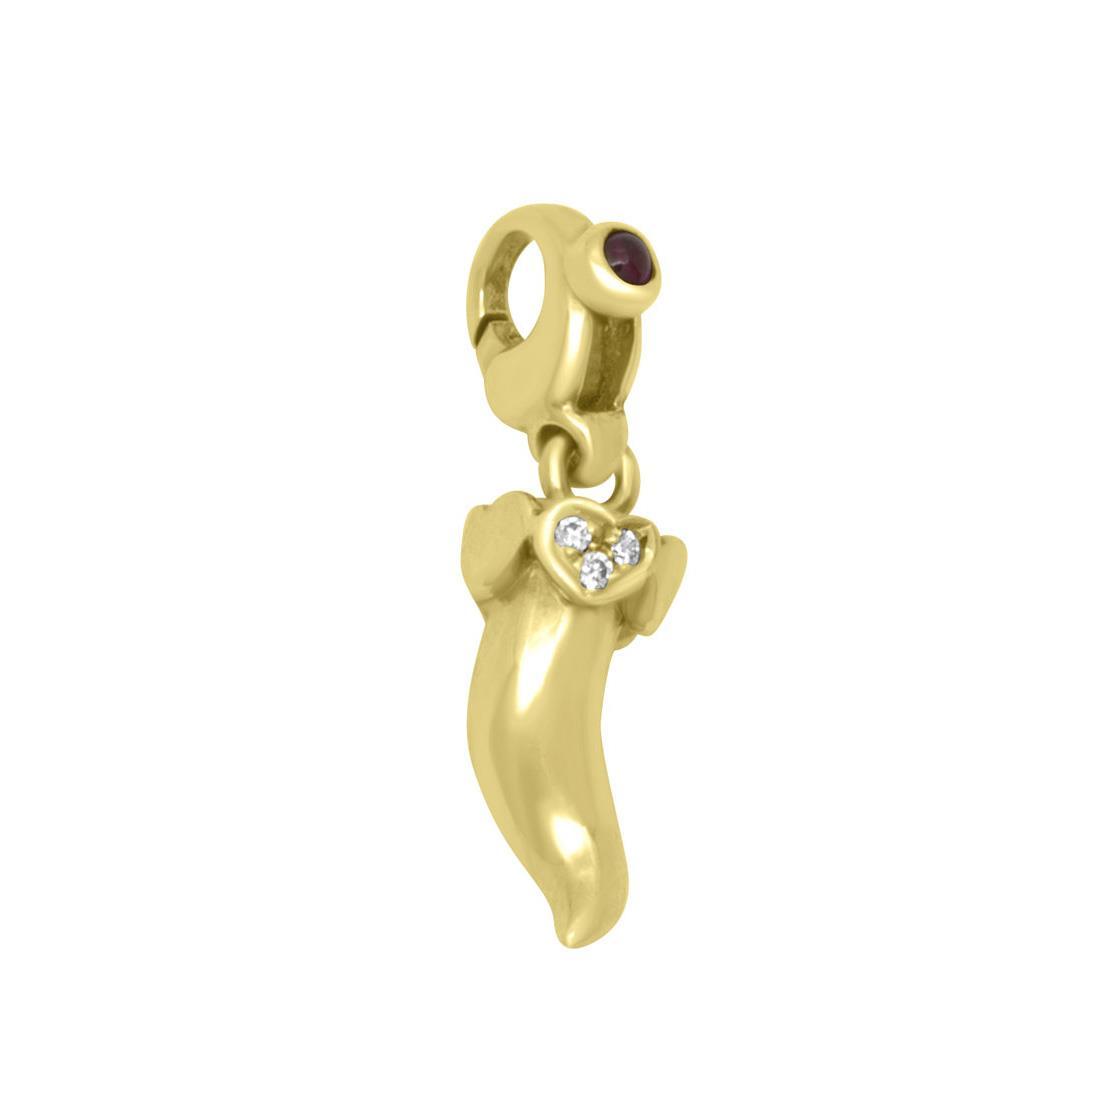 Ciondolo in oro giallo e diamanti ct 0,02 con rubino ct 0,06 - PASQUALE BRUNI